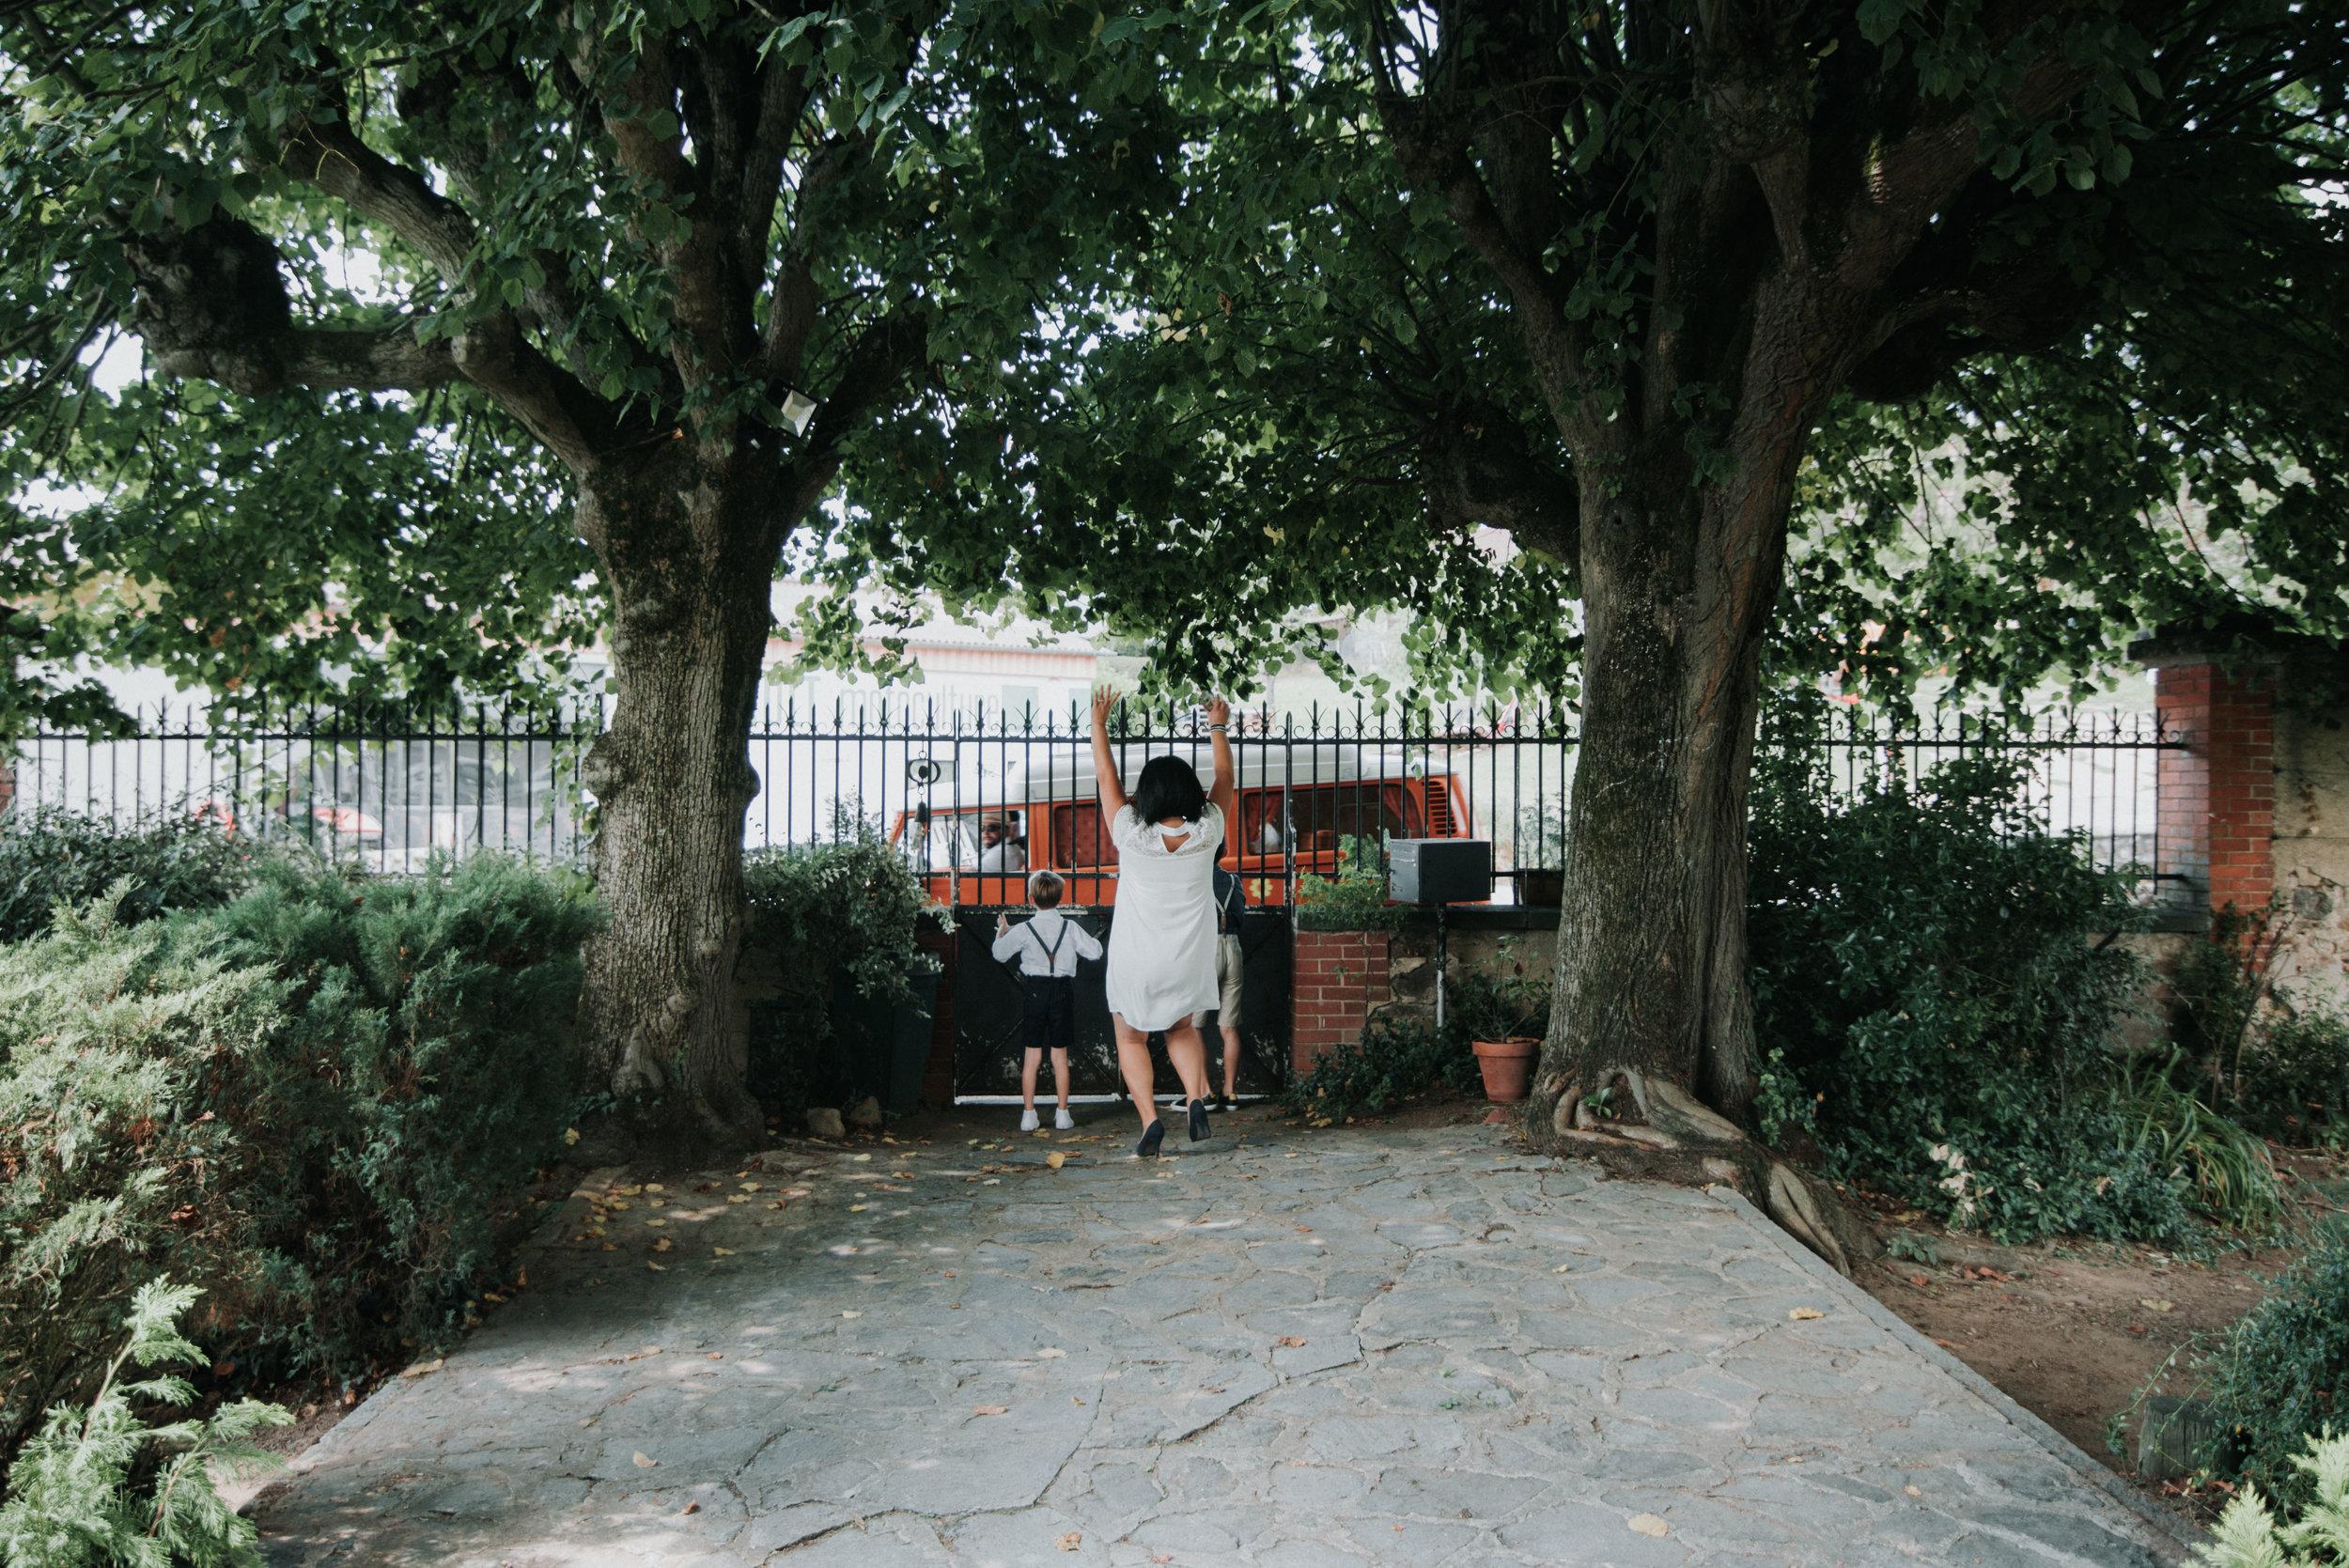 Léa-Fery-photographe-professionnel-lyon-rhone-alpes-portrait-creation-mariage-evenement-evenementiel-famille-2564.jpg